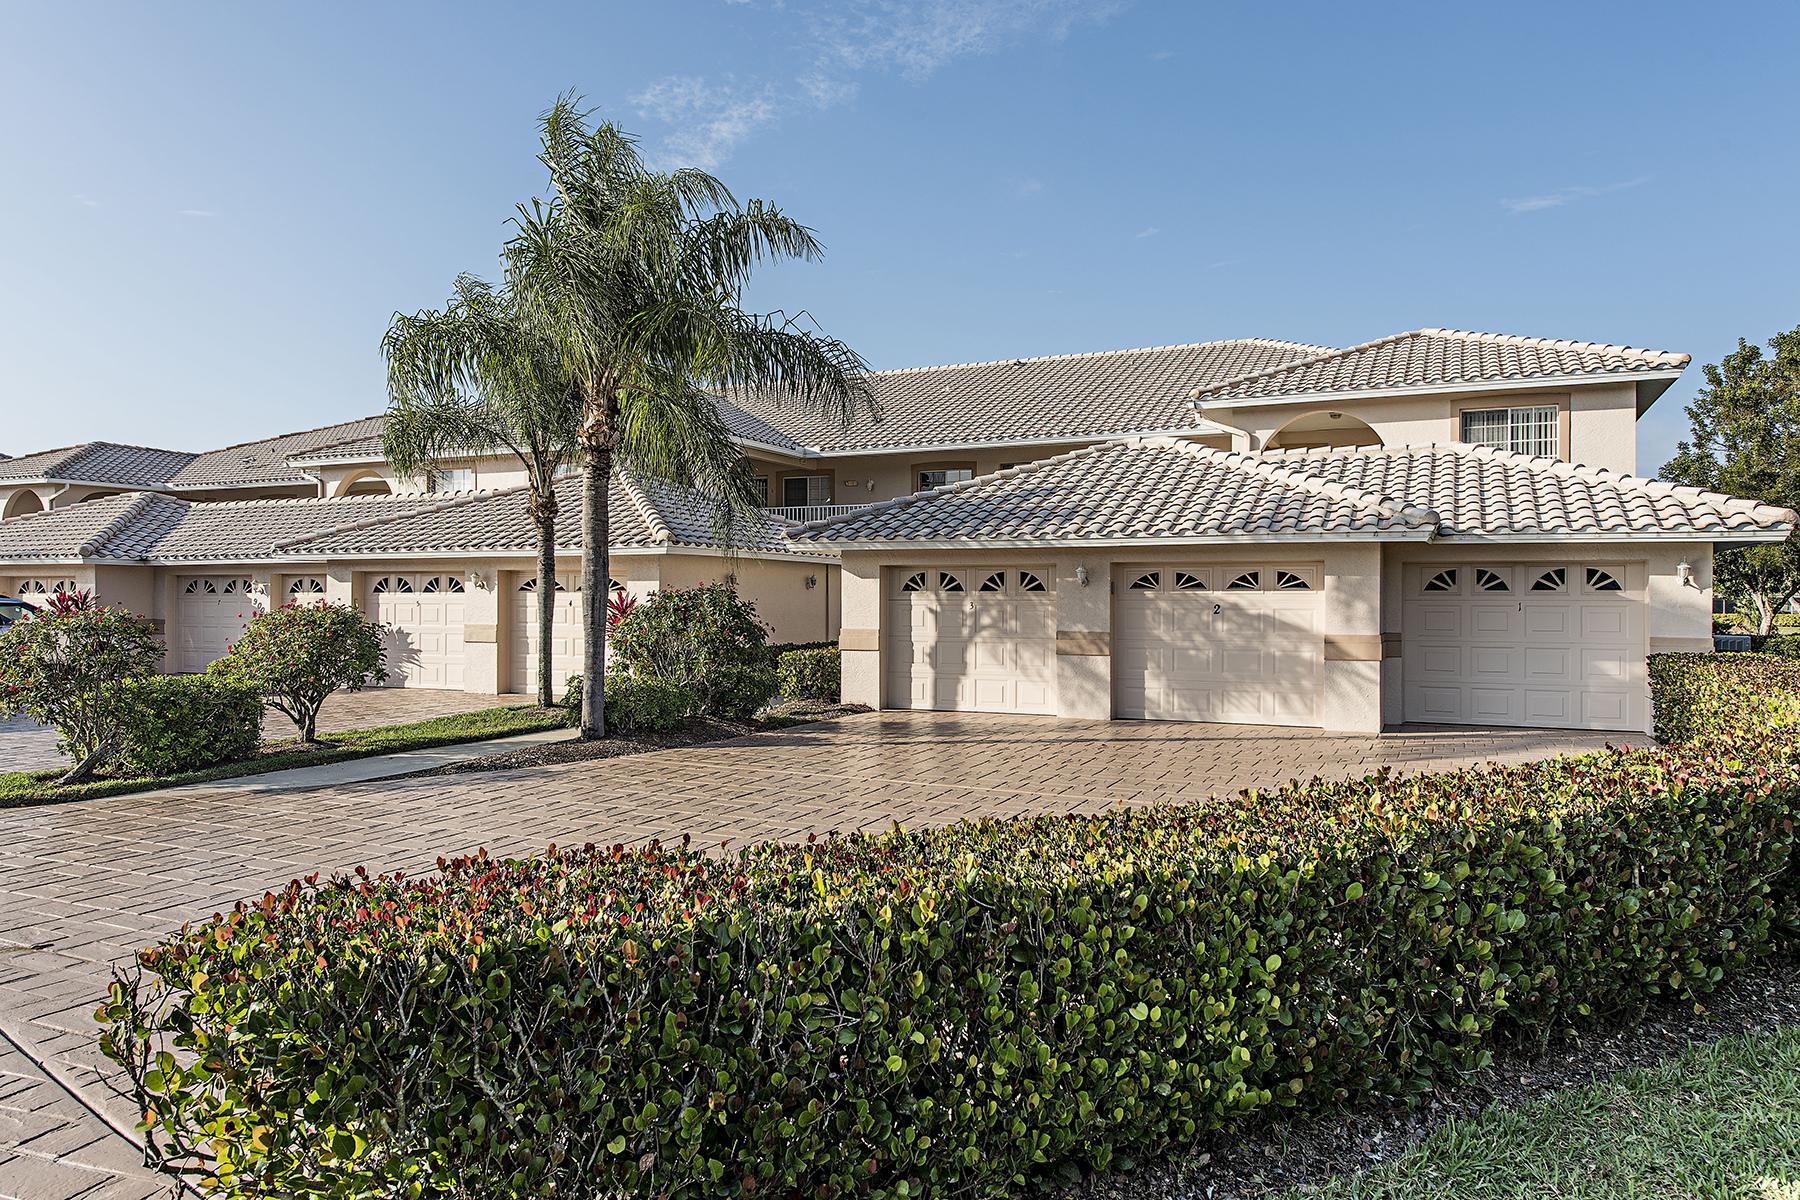 Eigentumswohnung für Verkauf beim LELY RESORT - RUBY AT SUNSTONE 9009 Michael Cir 1-105 Naples, Florida, 34113 Vereinigte Staaten